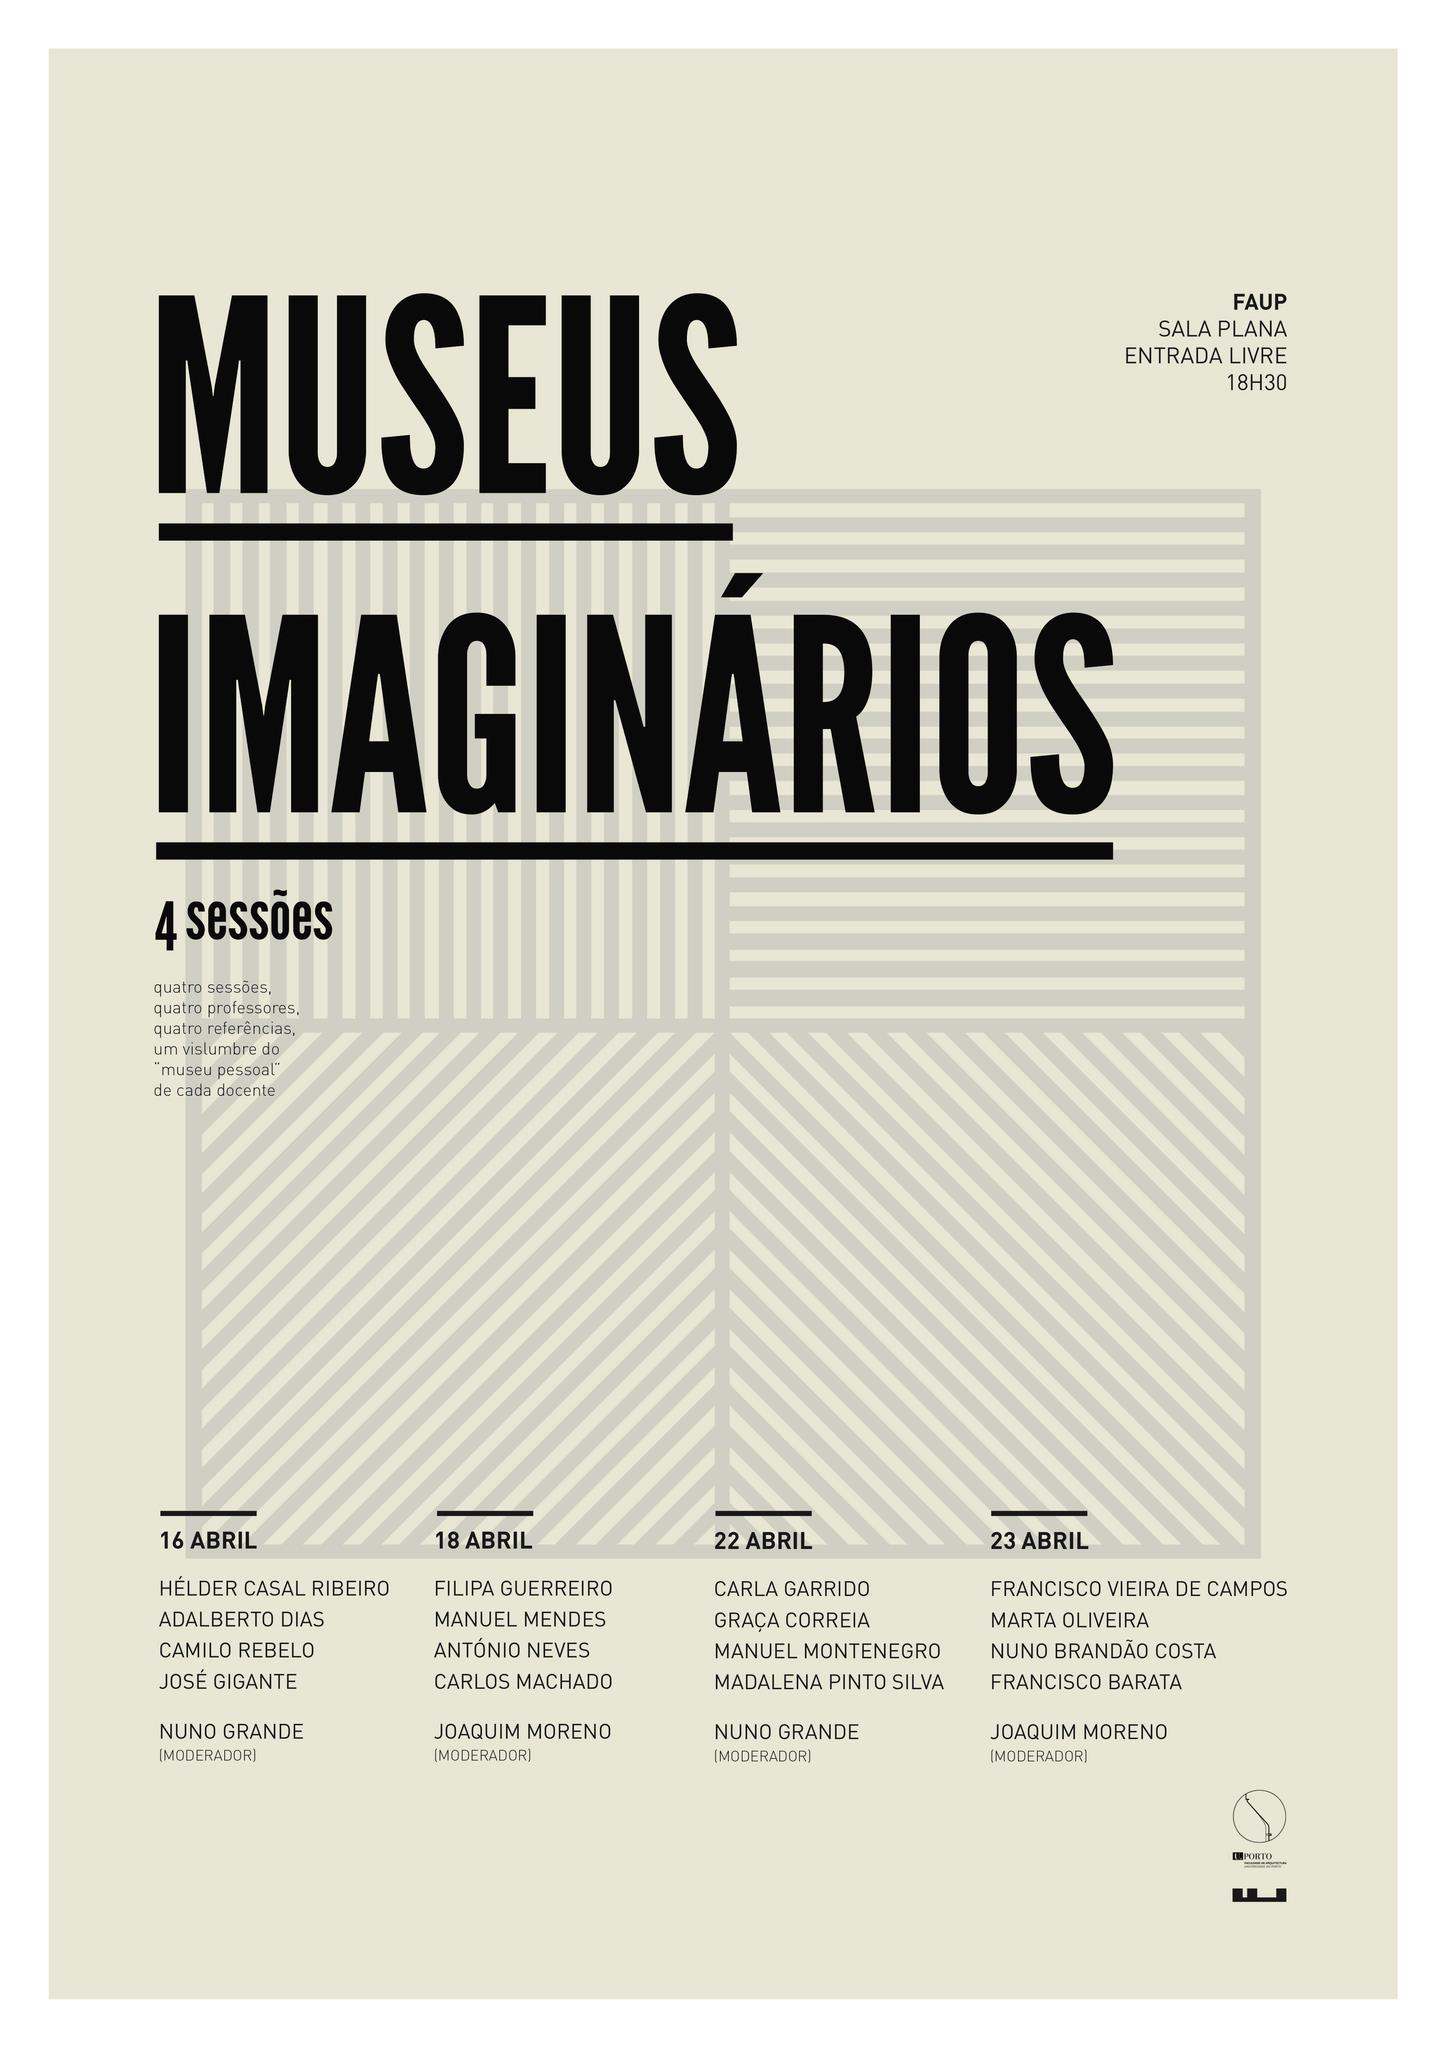 Museus Imaginários